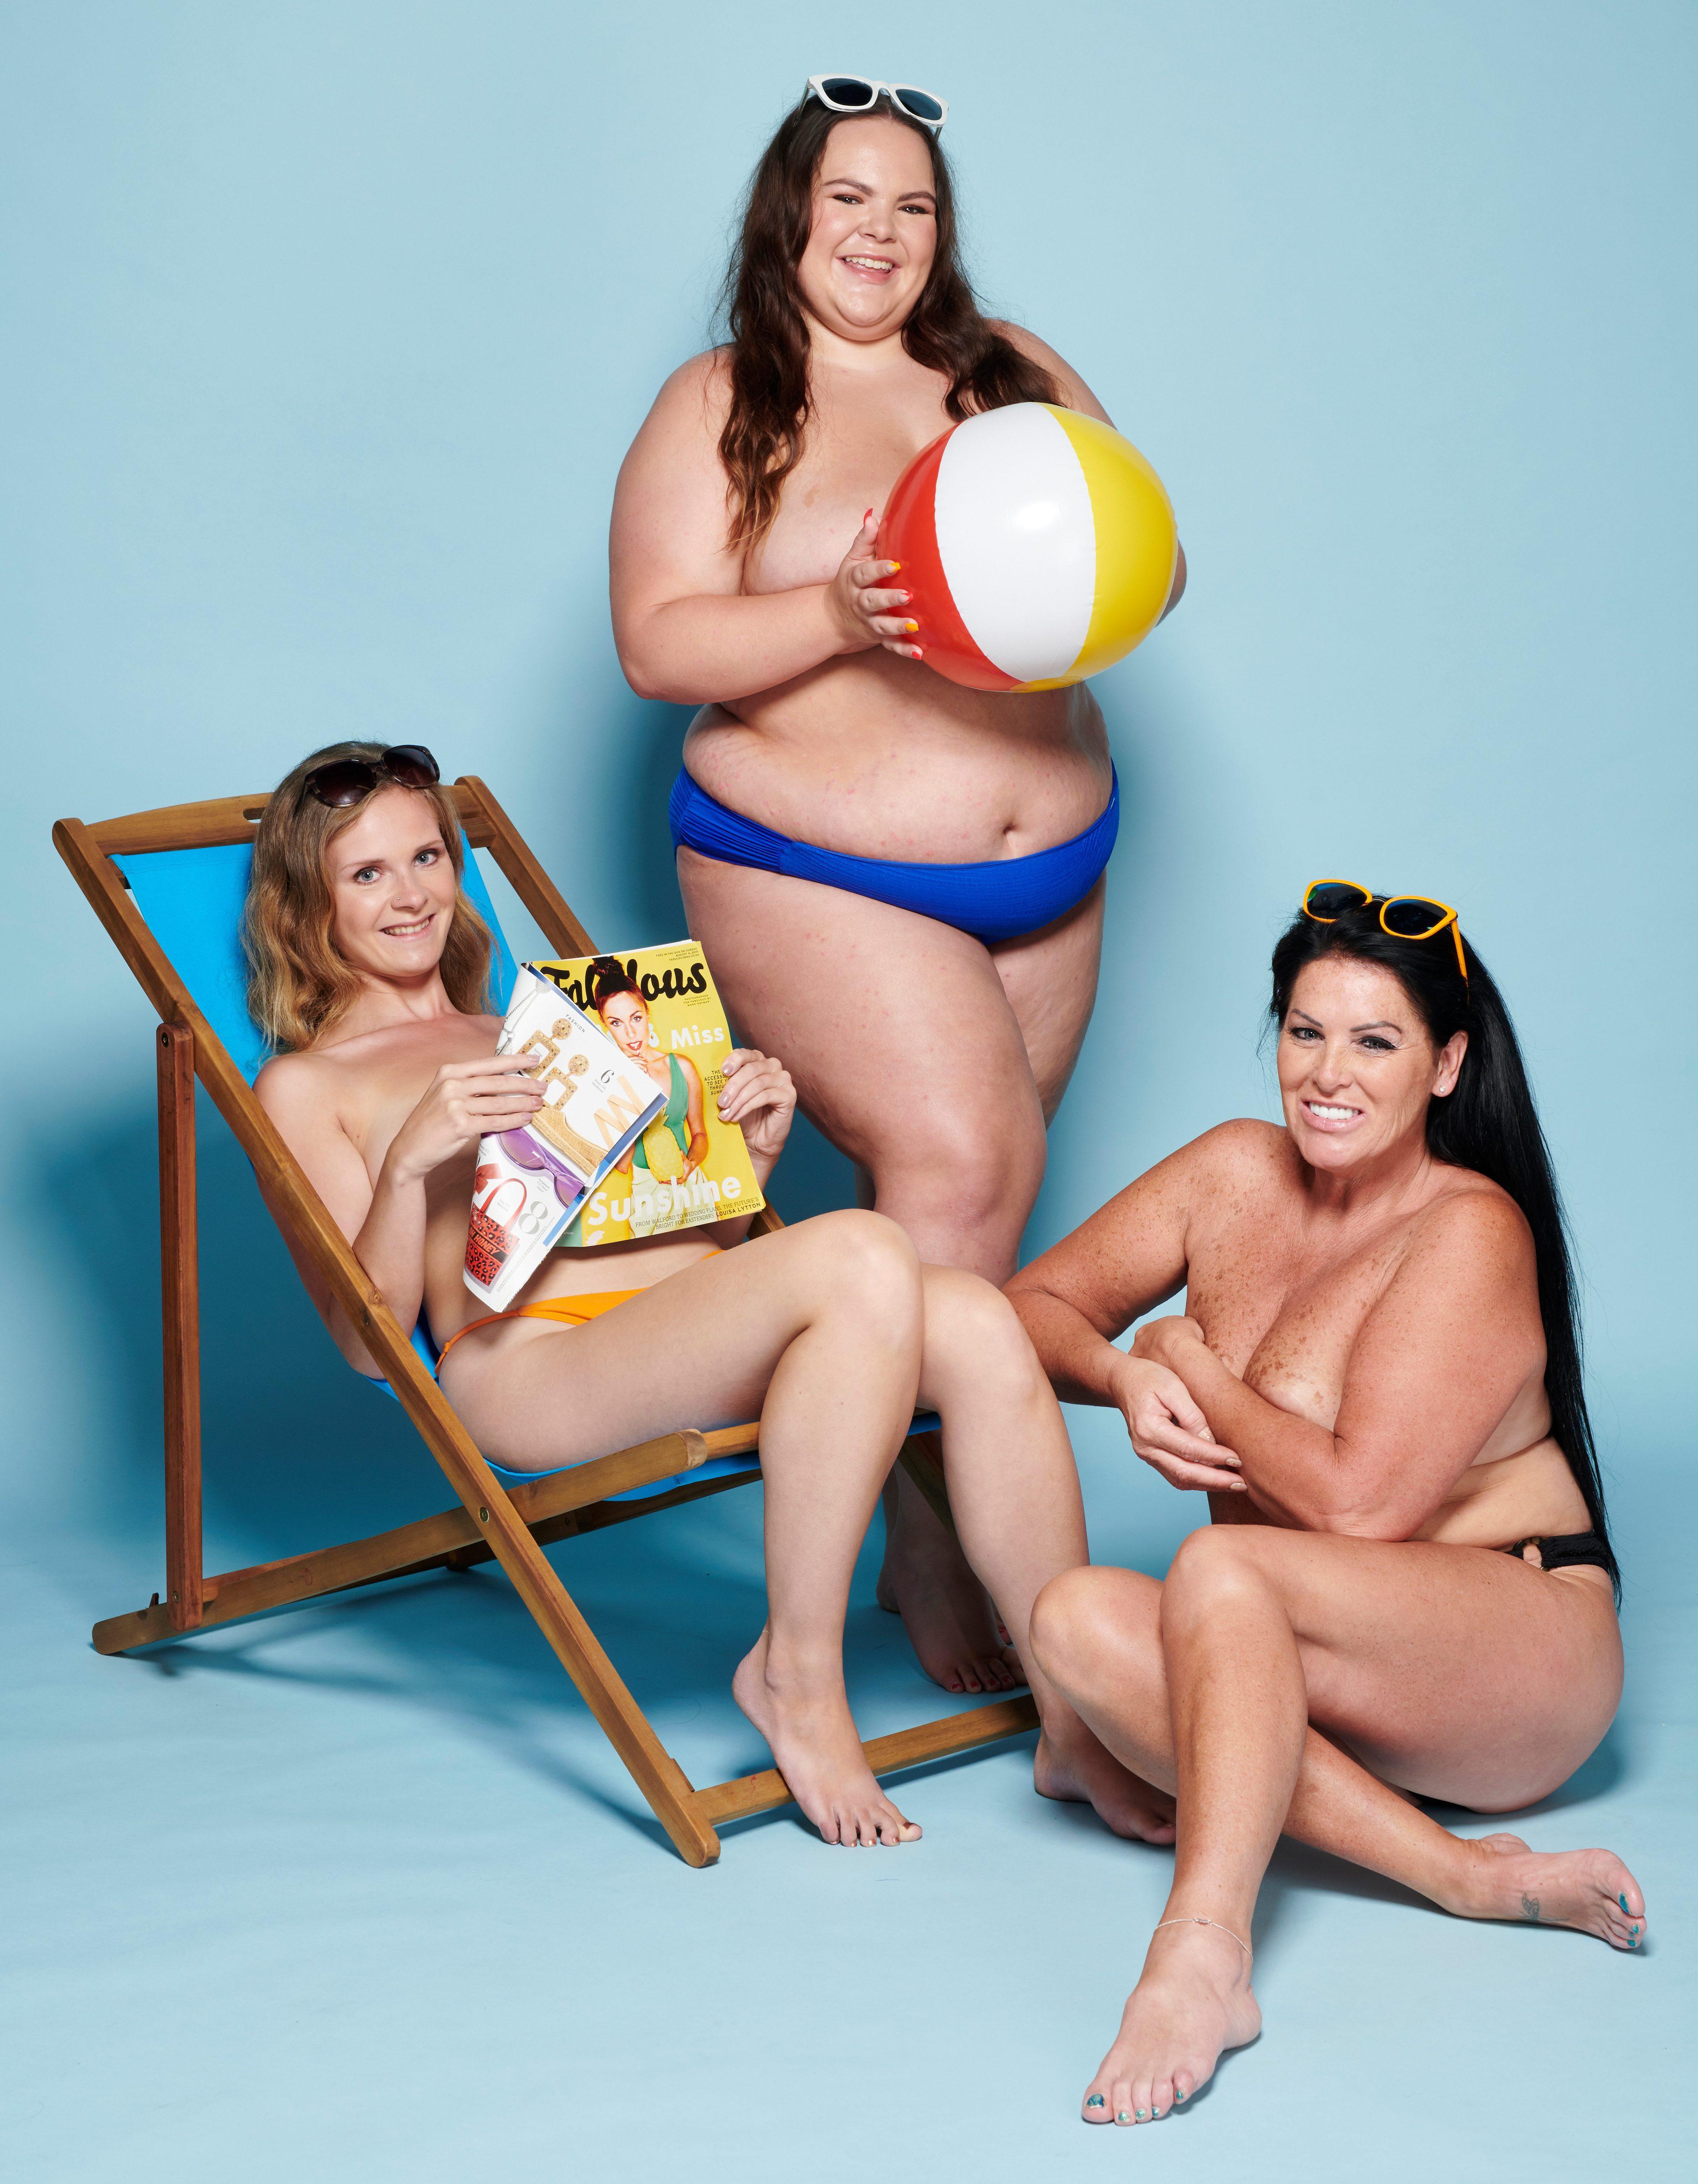 Girl big boobs nude sunbath